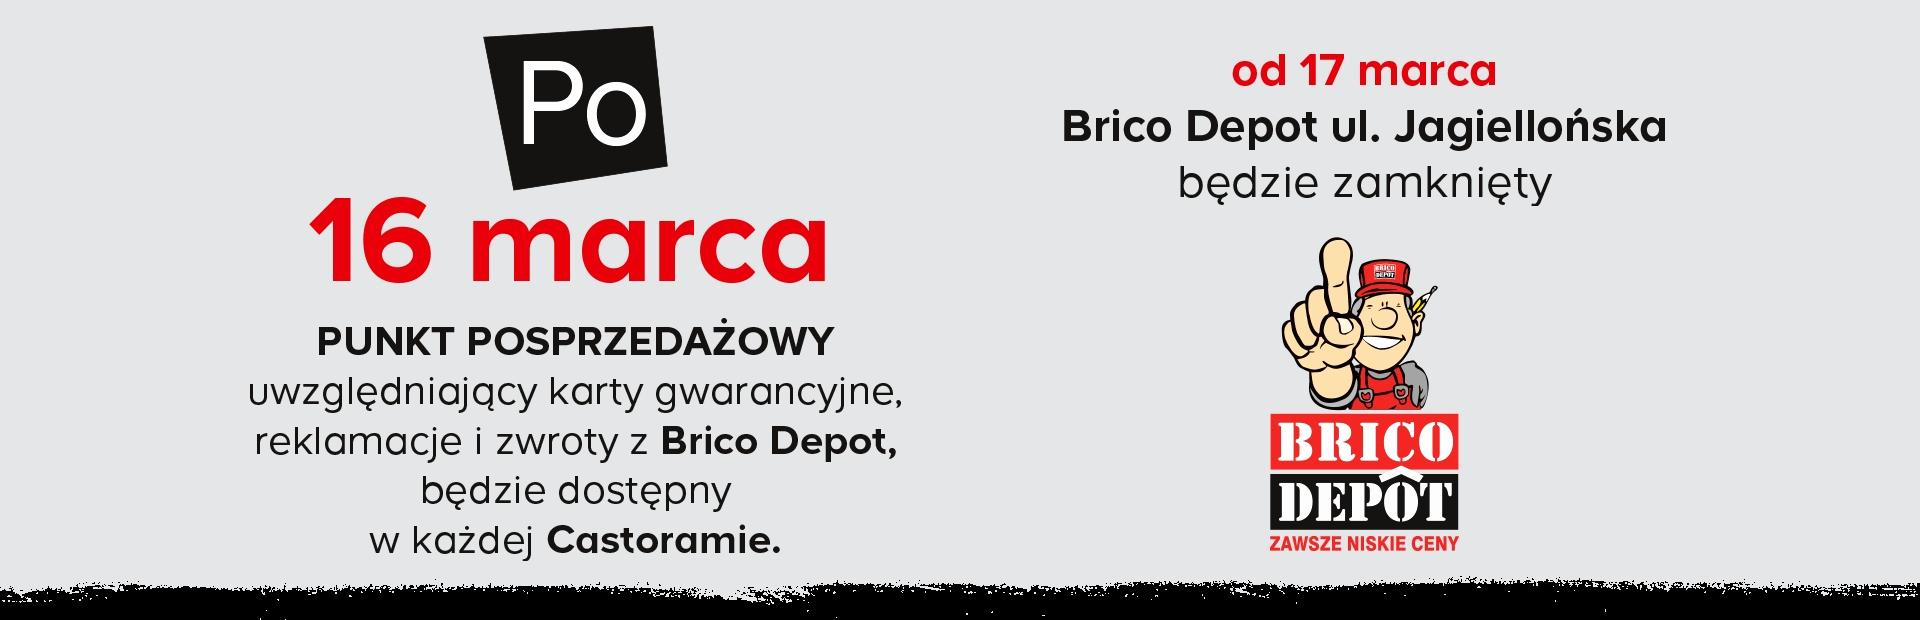 Brico Depot Bordure Jardin Élégant Galerie Carreaux De Ciment Brico Depot élégant Carrelage Imitation Carreaux